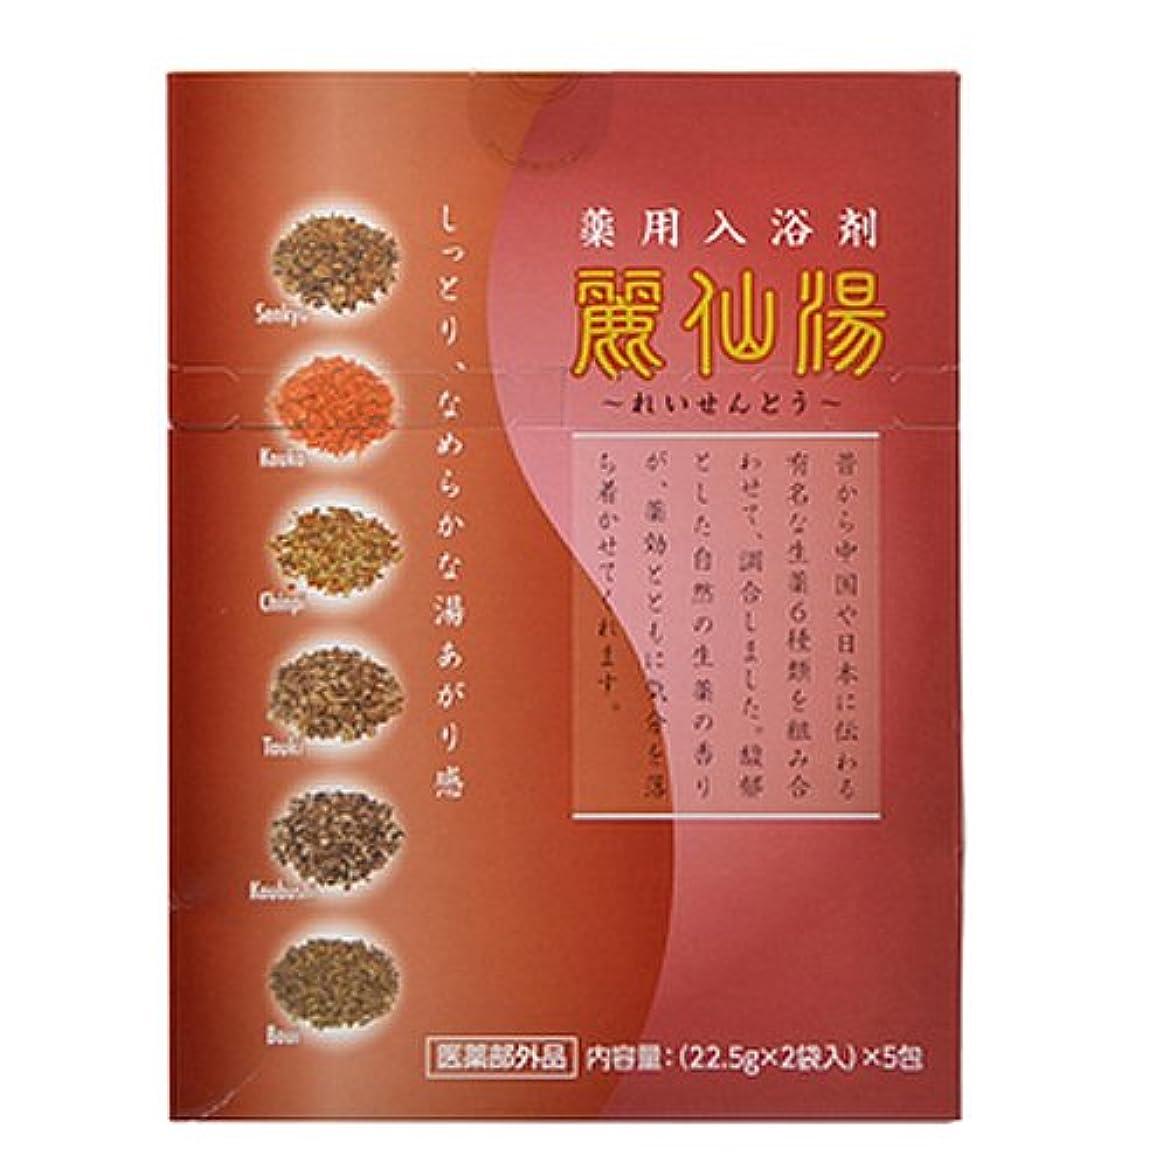 麗仙湯 10包 [医薬部外品]